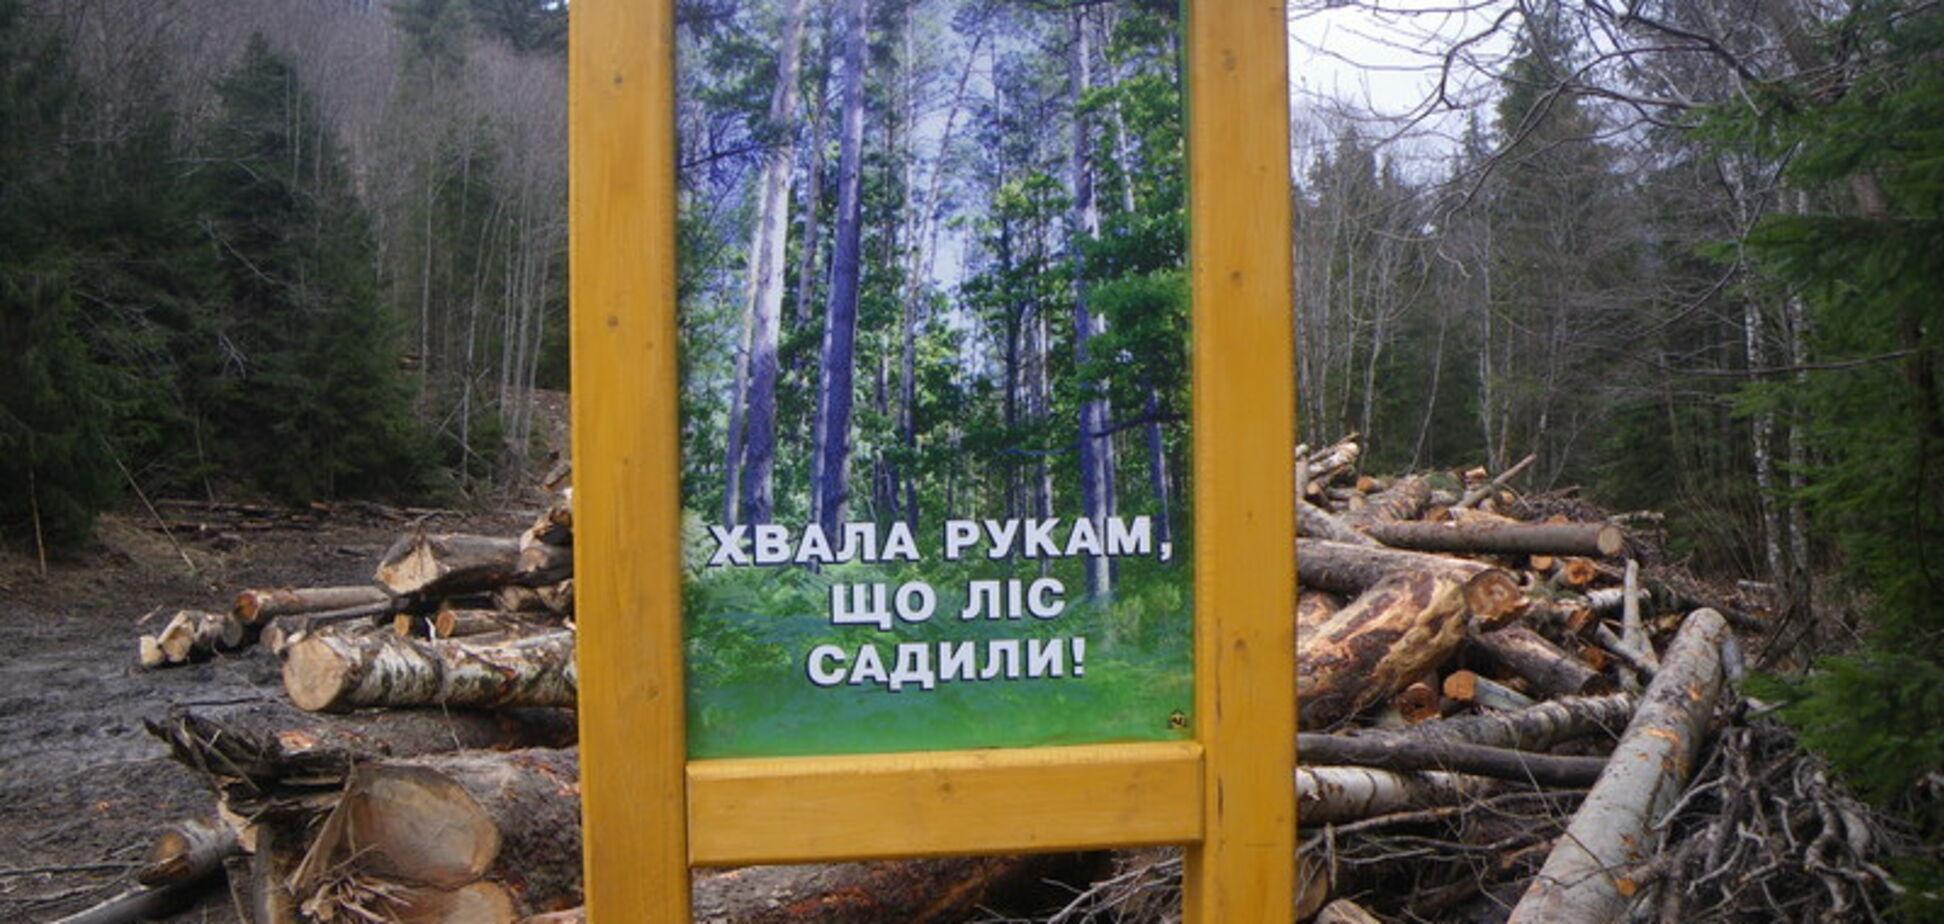 Вырубка леса в Карпатах: Украине предрекли экокатастрофу